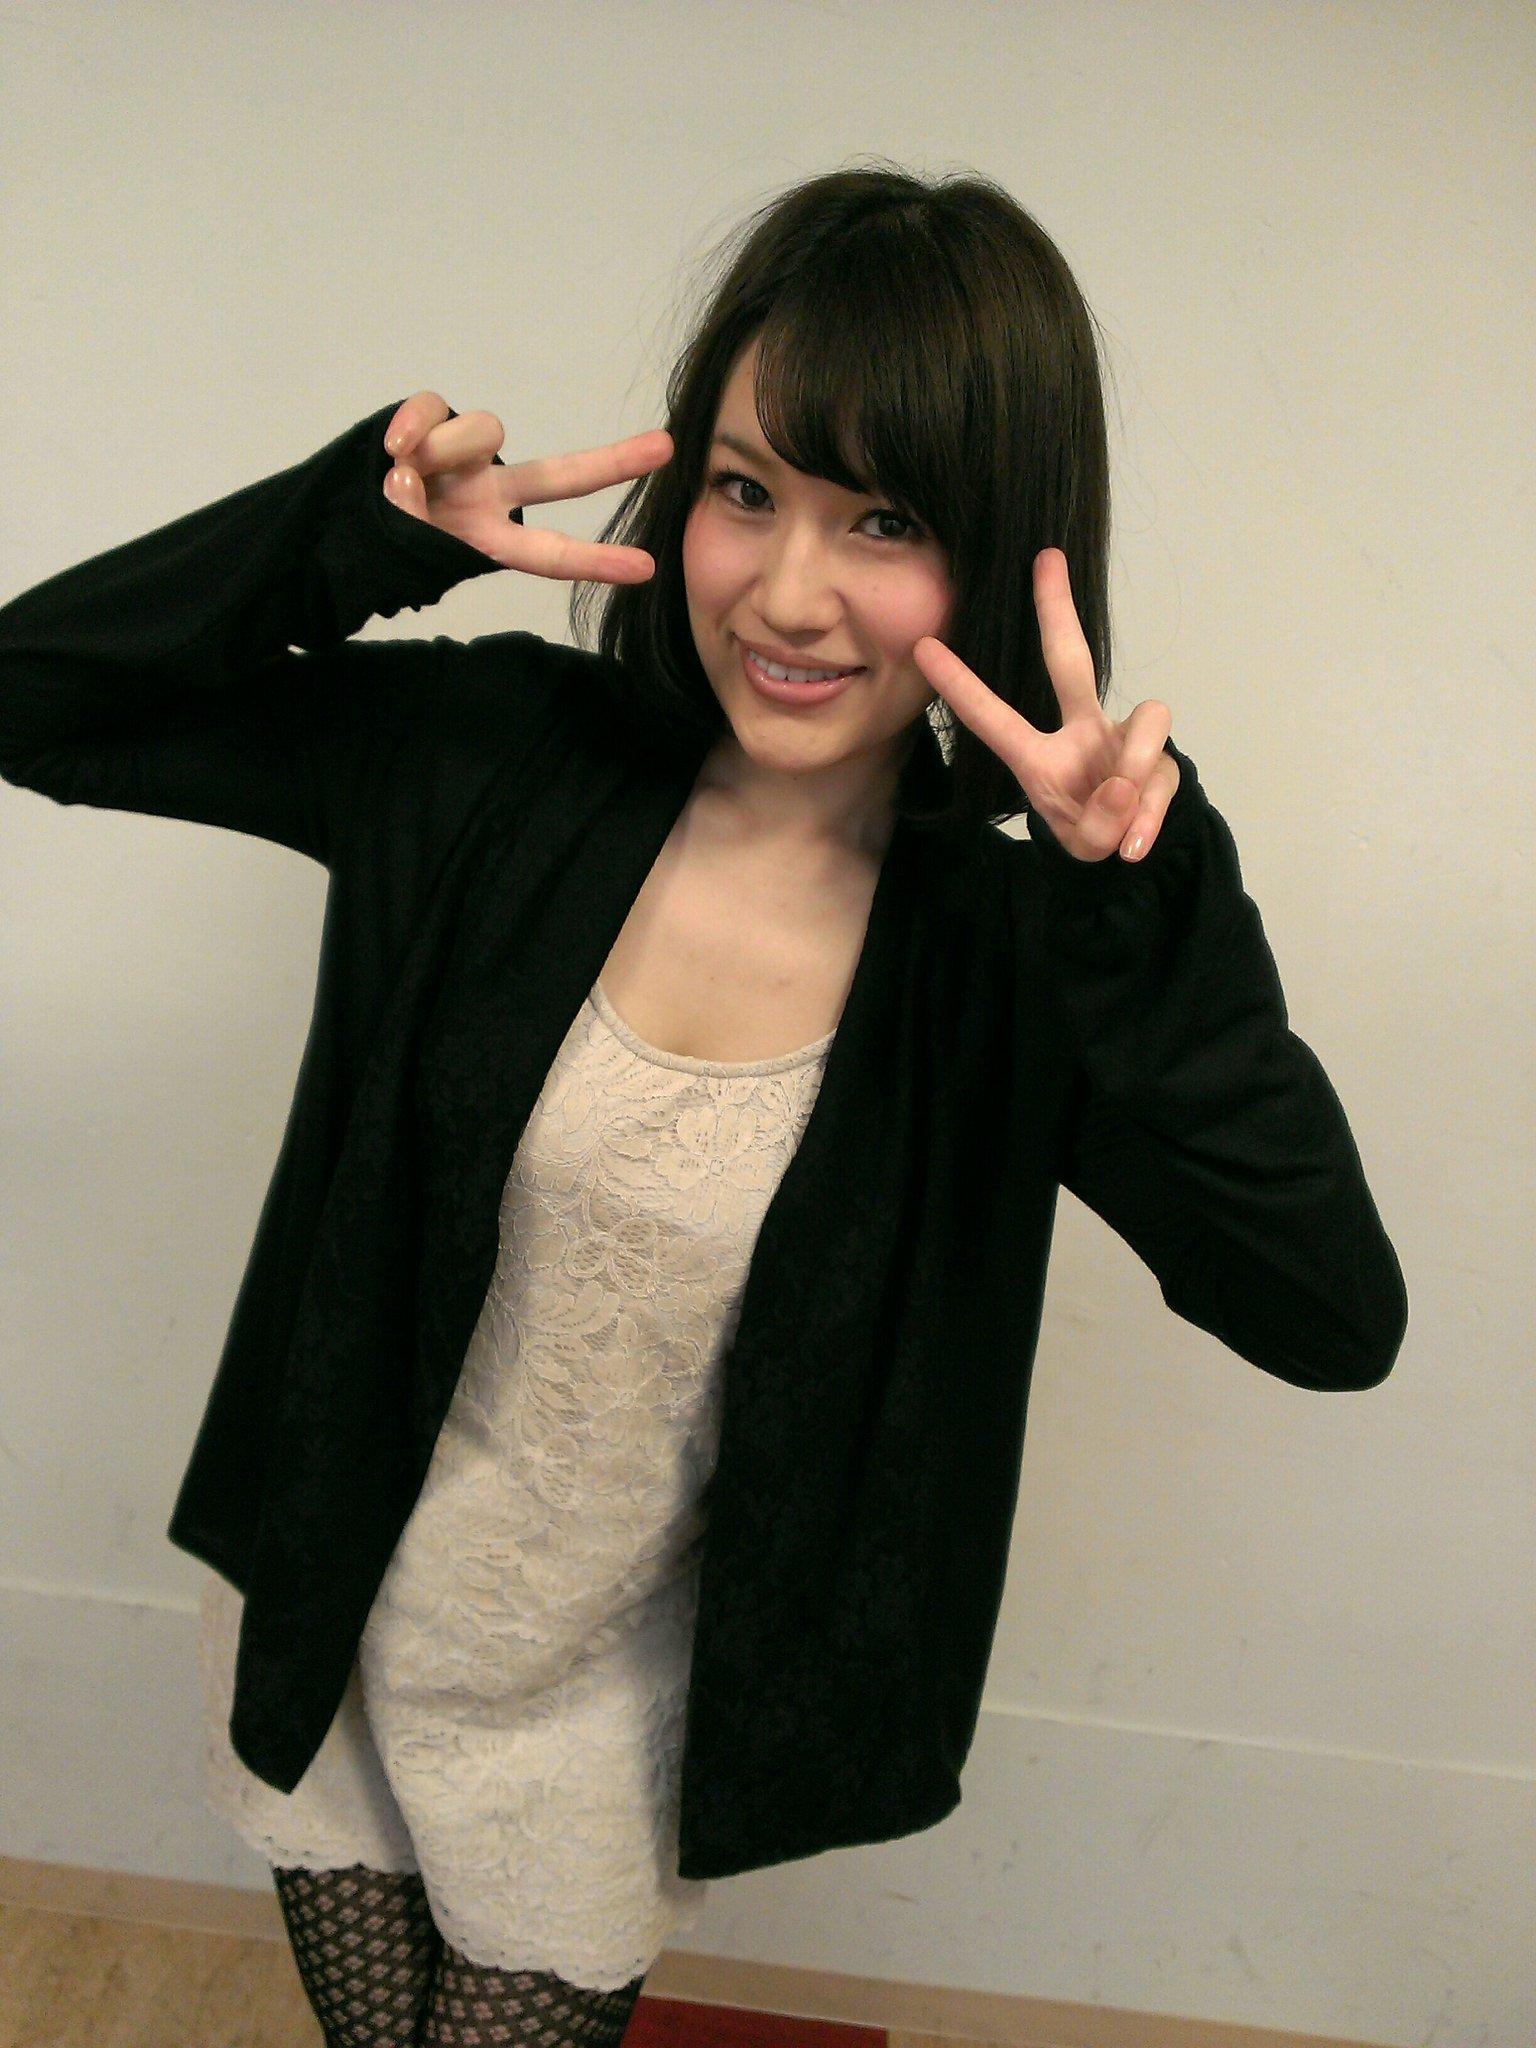 ... 莉子 AV女優 画像 - NAVER まとめの写真